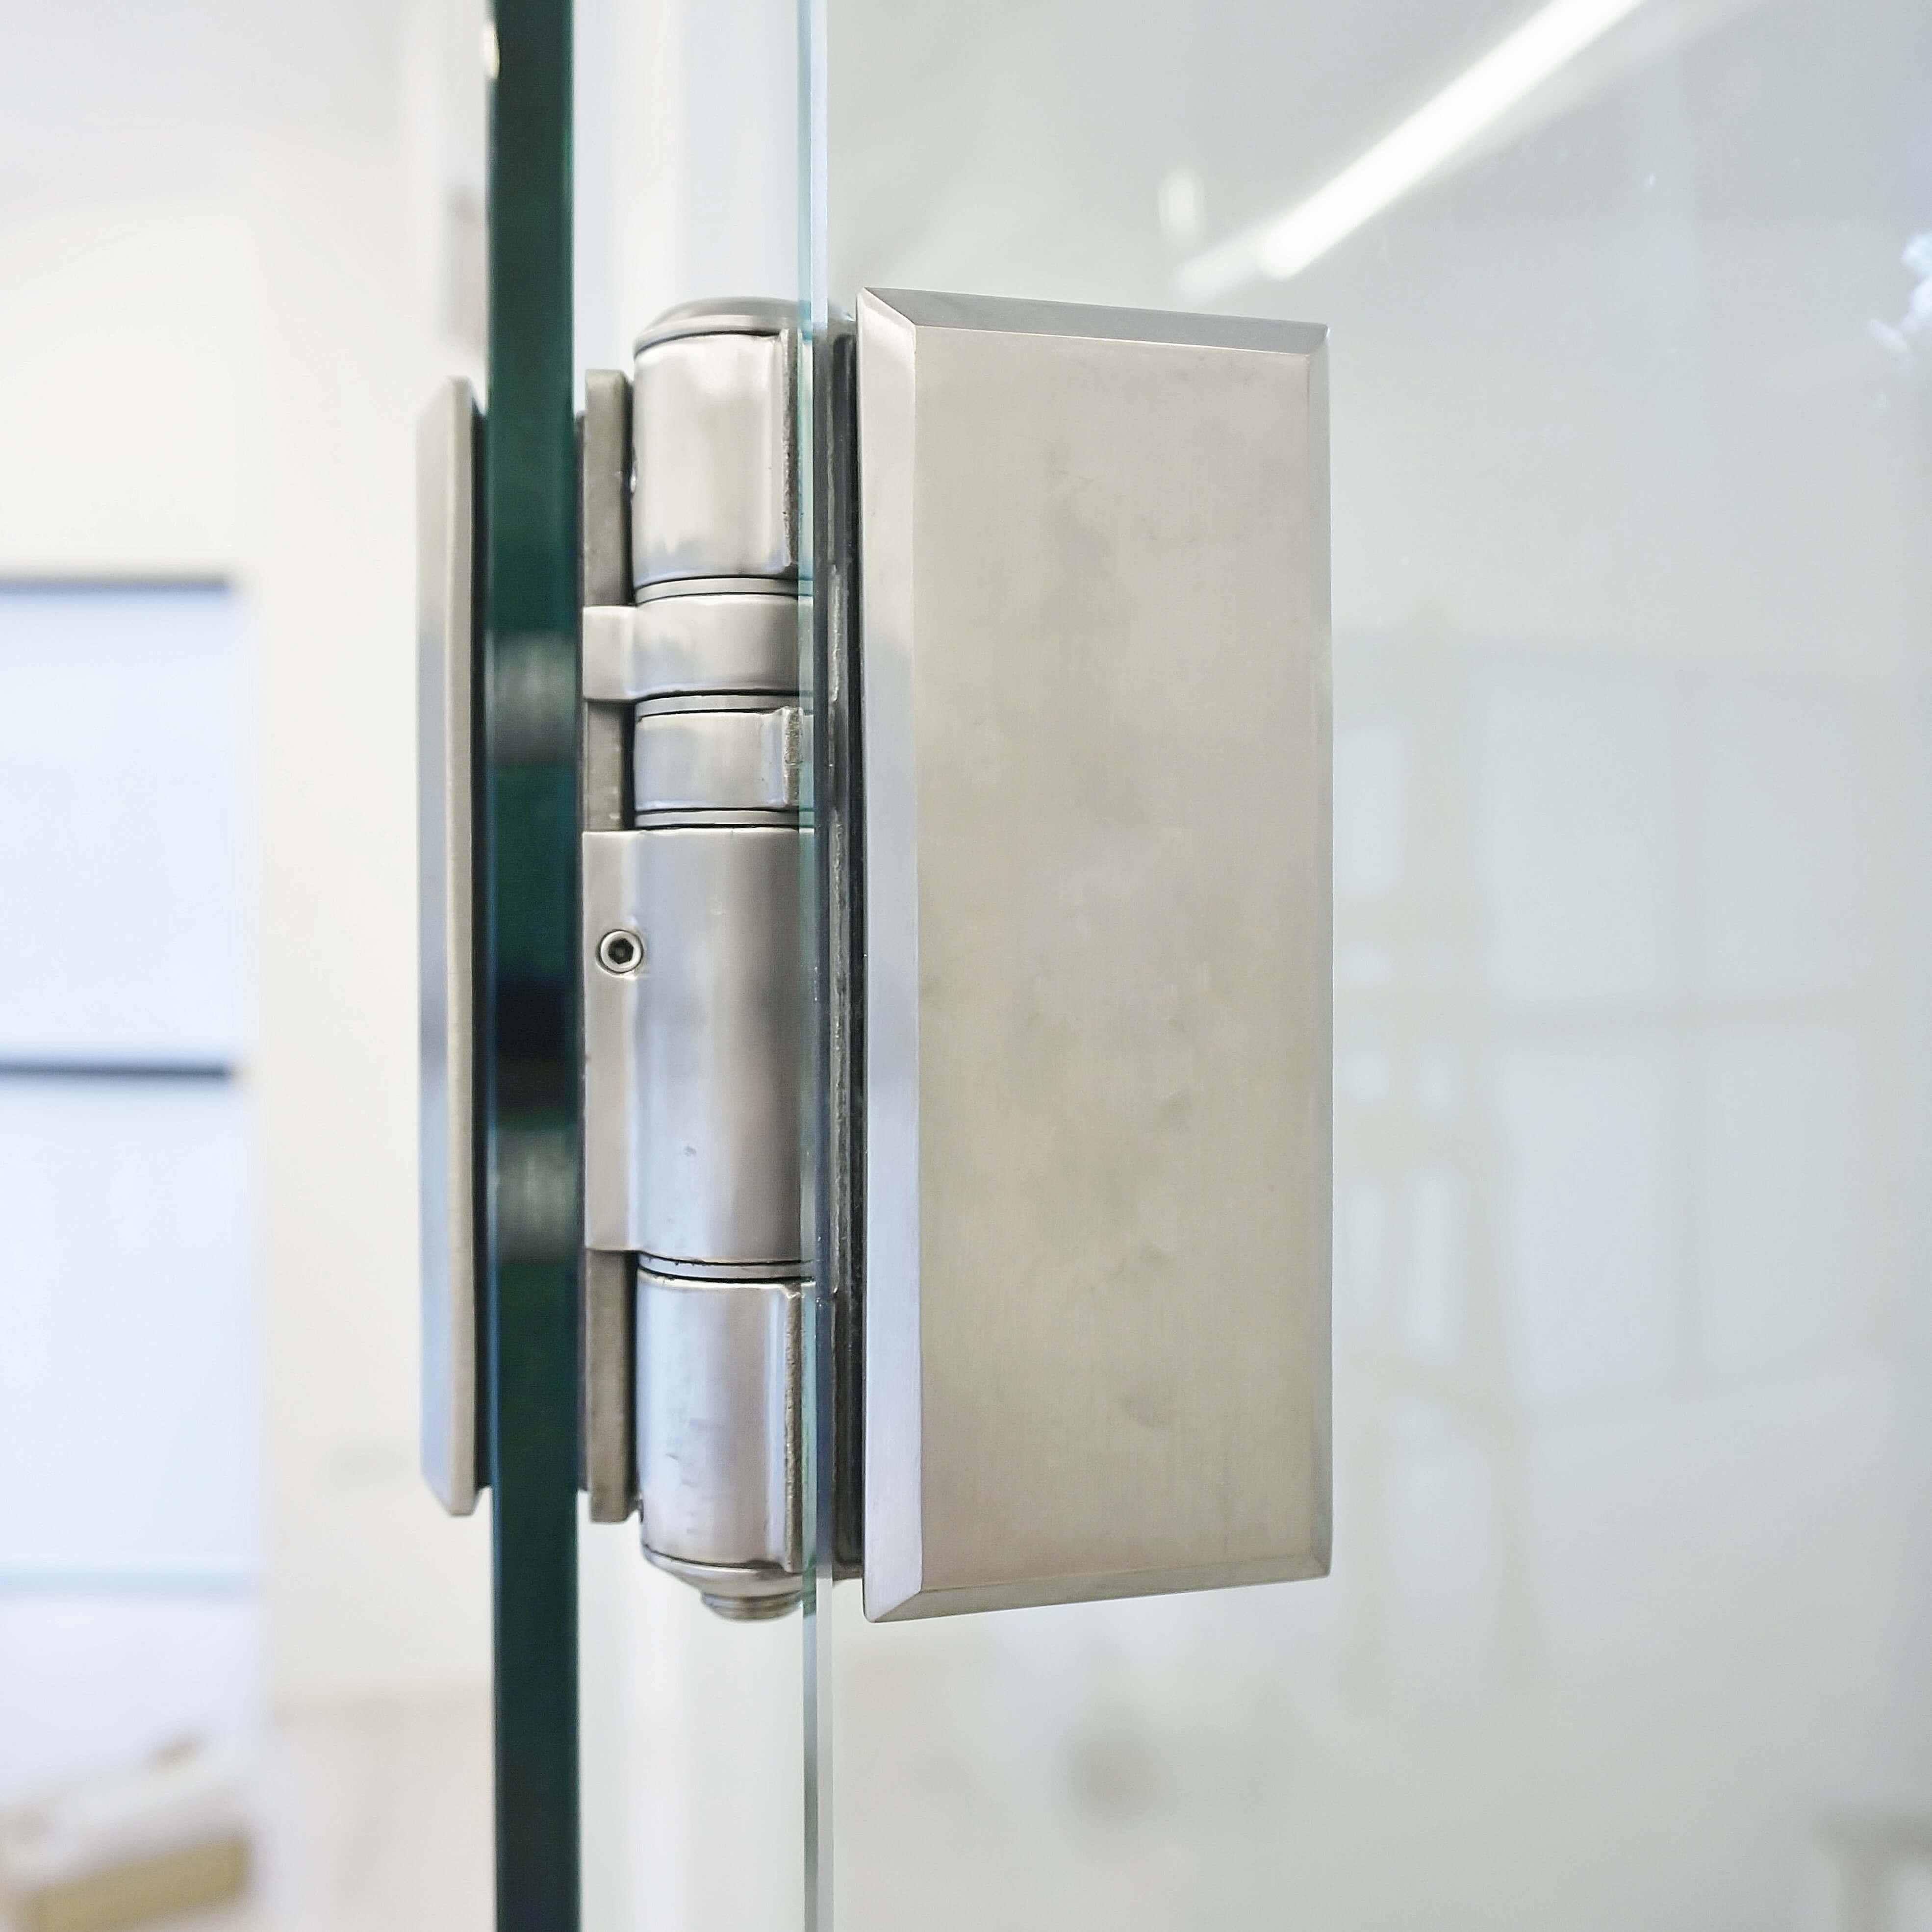 Self closing glass door hinge - floor spring no more! & New Door-closing solution for glass door! - Waterson Door-Closer Hinge